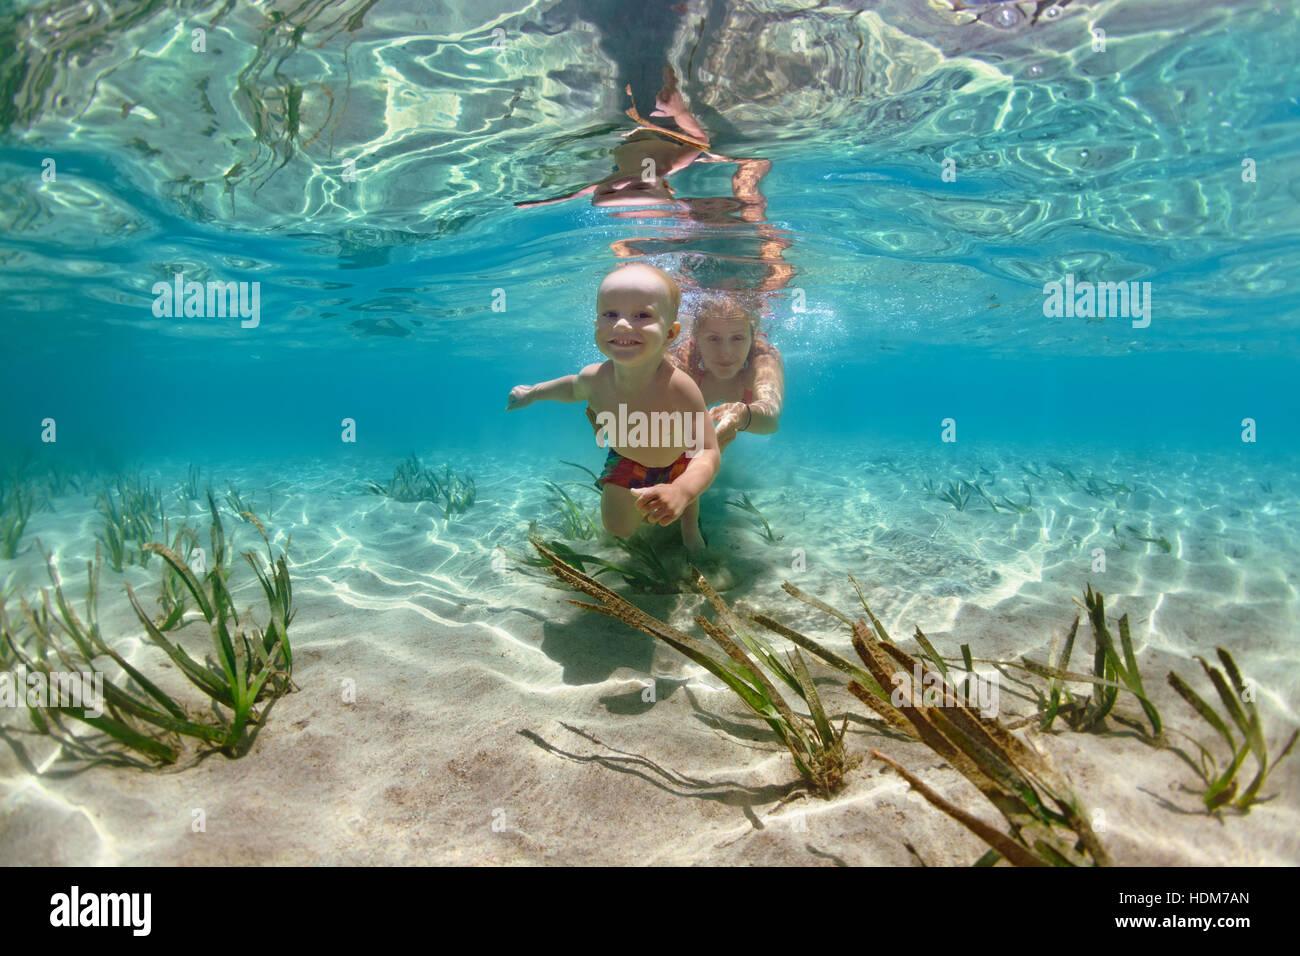 Happy Family - mère avec bébé nager, plonger sous l'eau avec piscine mer in. Membre actif de Photo Stock